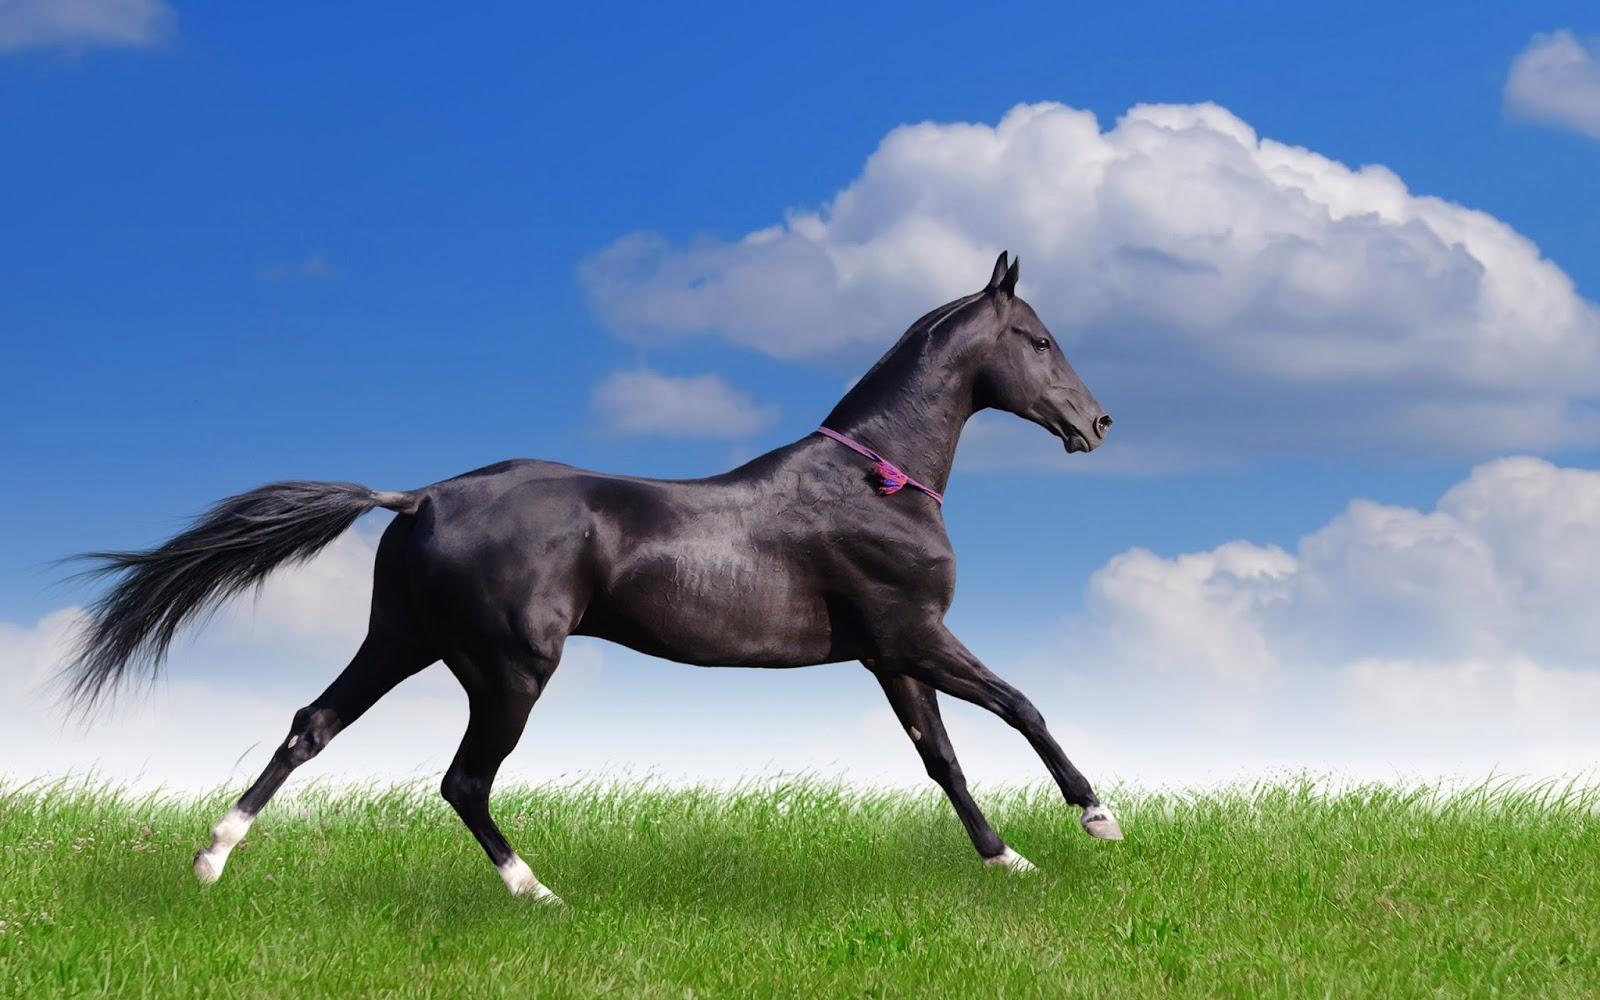 horse wallpapers for free,horse,mammal,vertebrate,mane,stallion